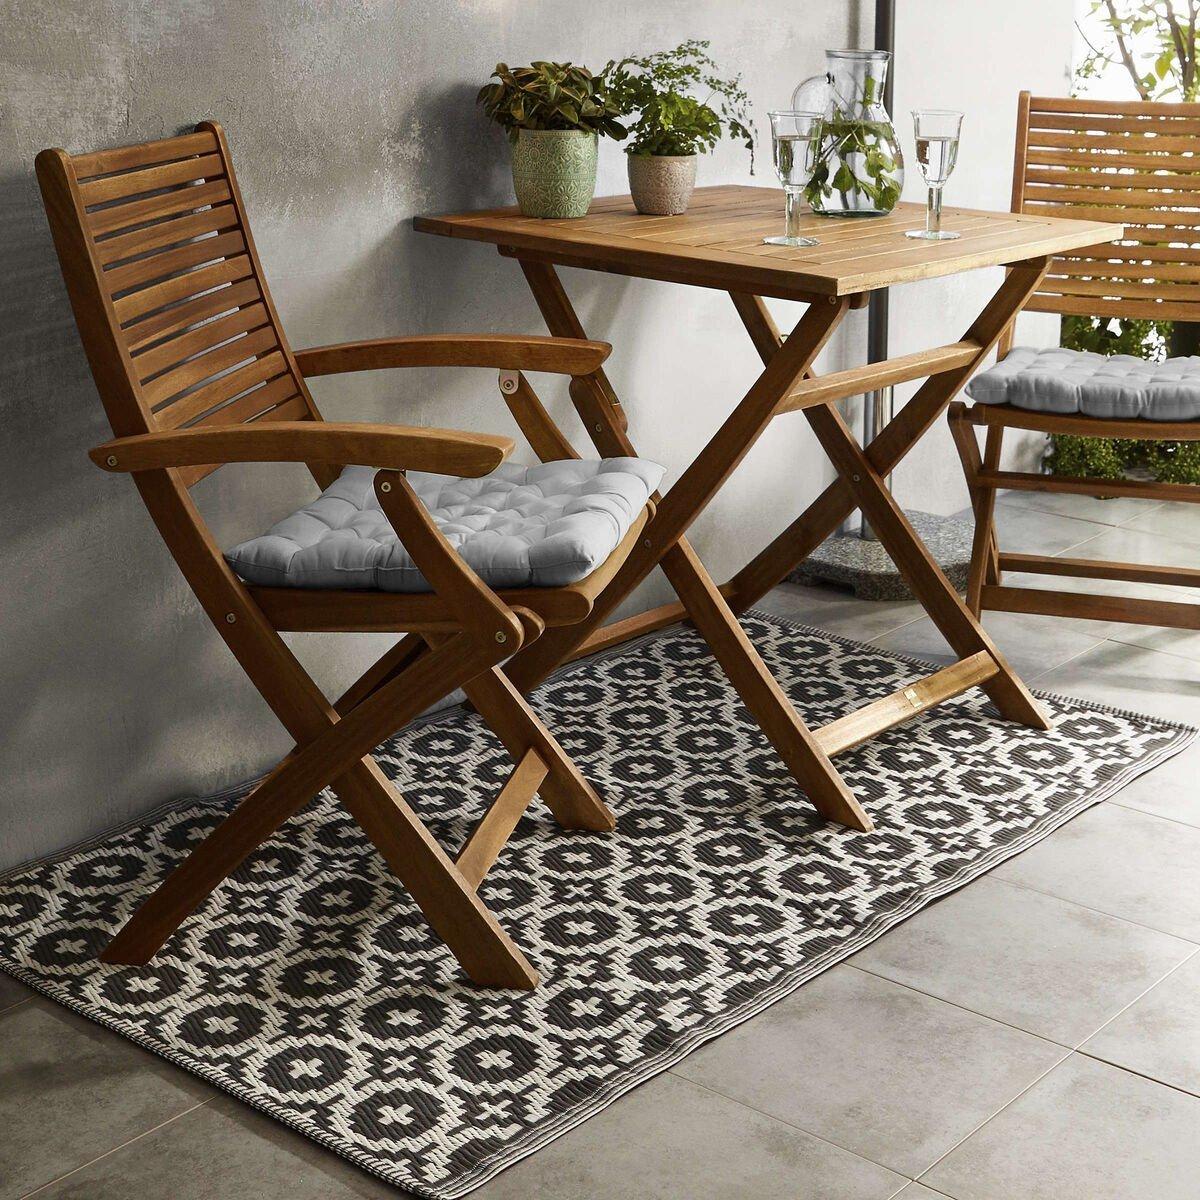 Bild 2 von SOMERSET Stuhl mit Armlehne